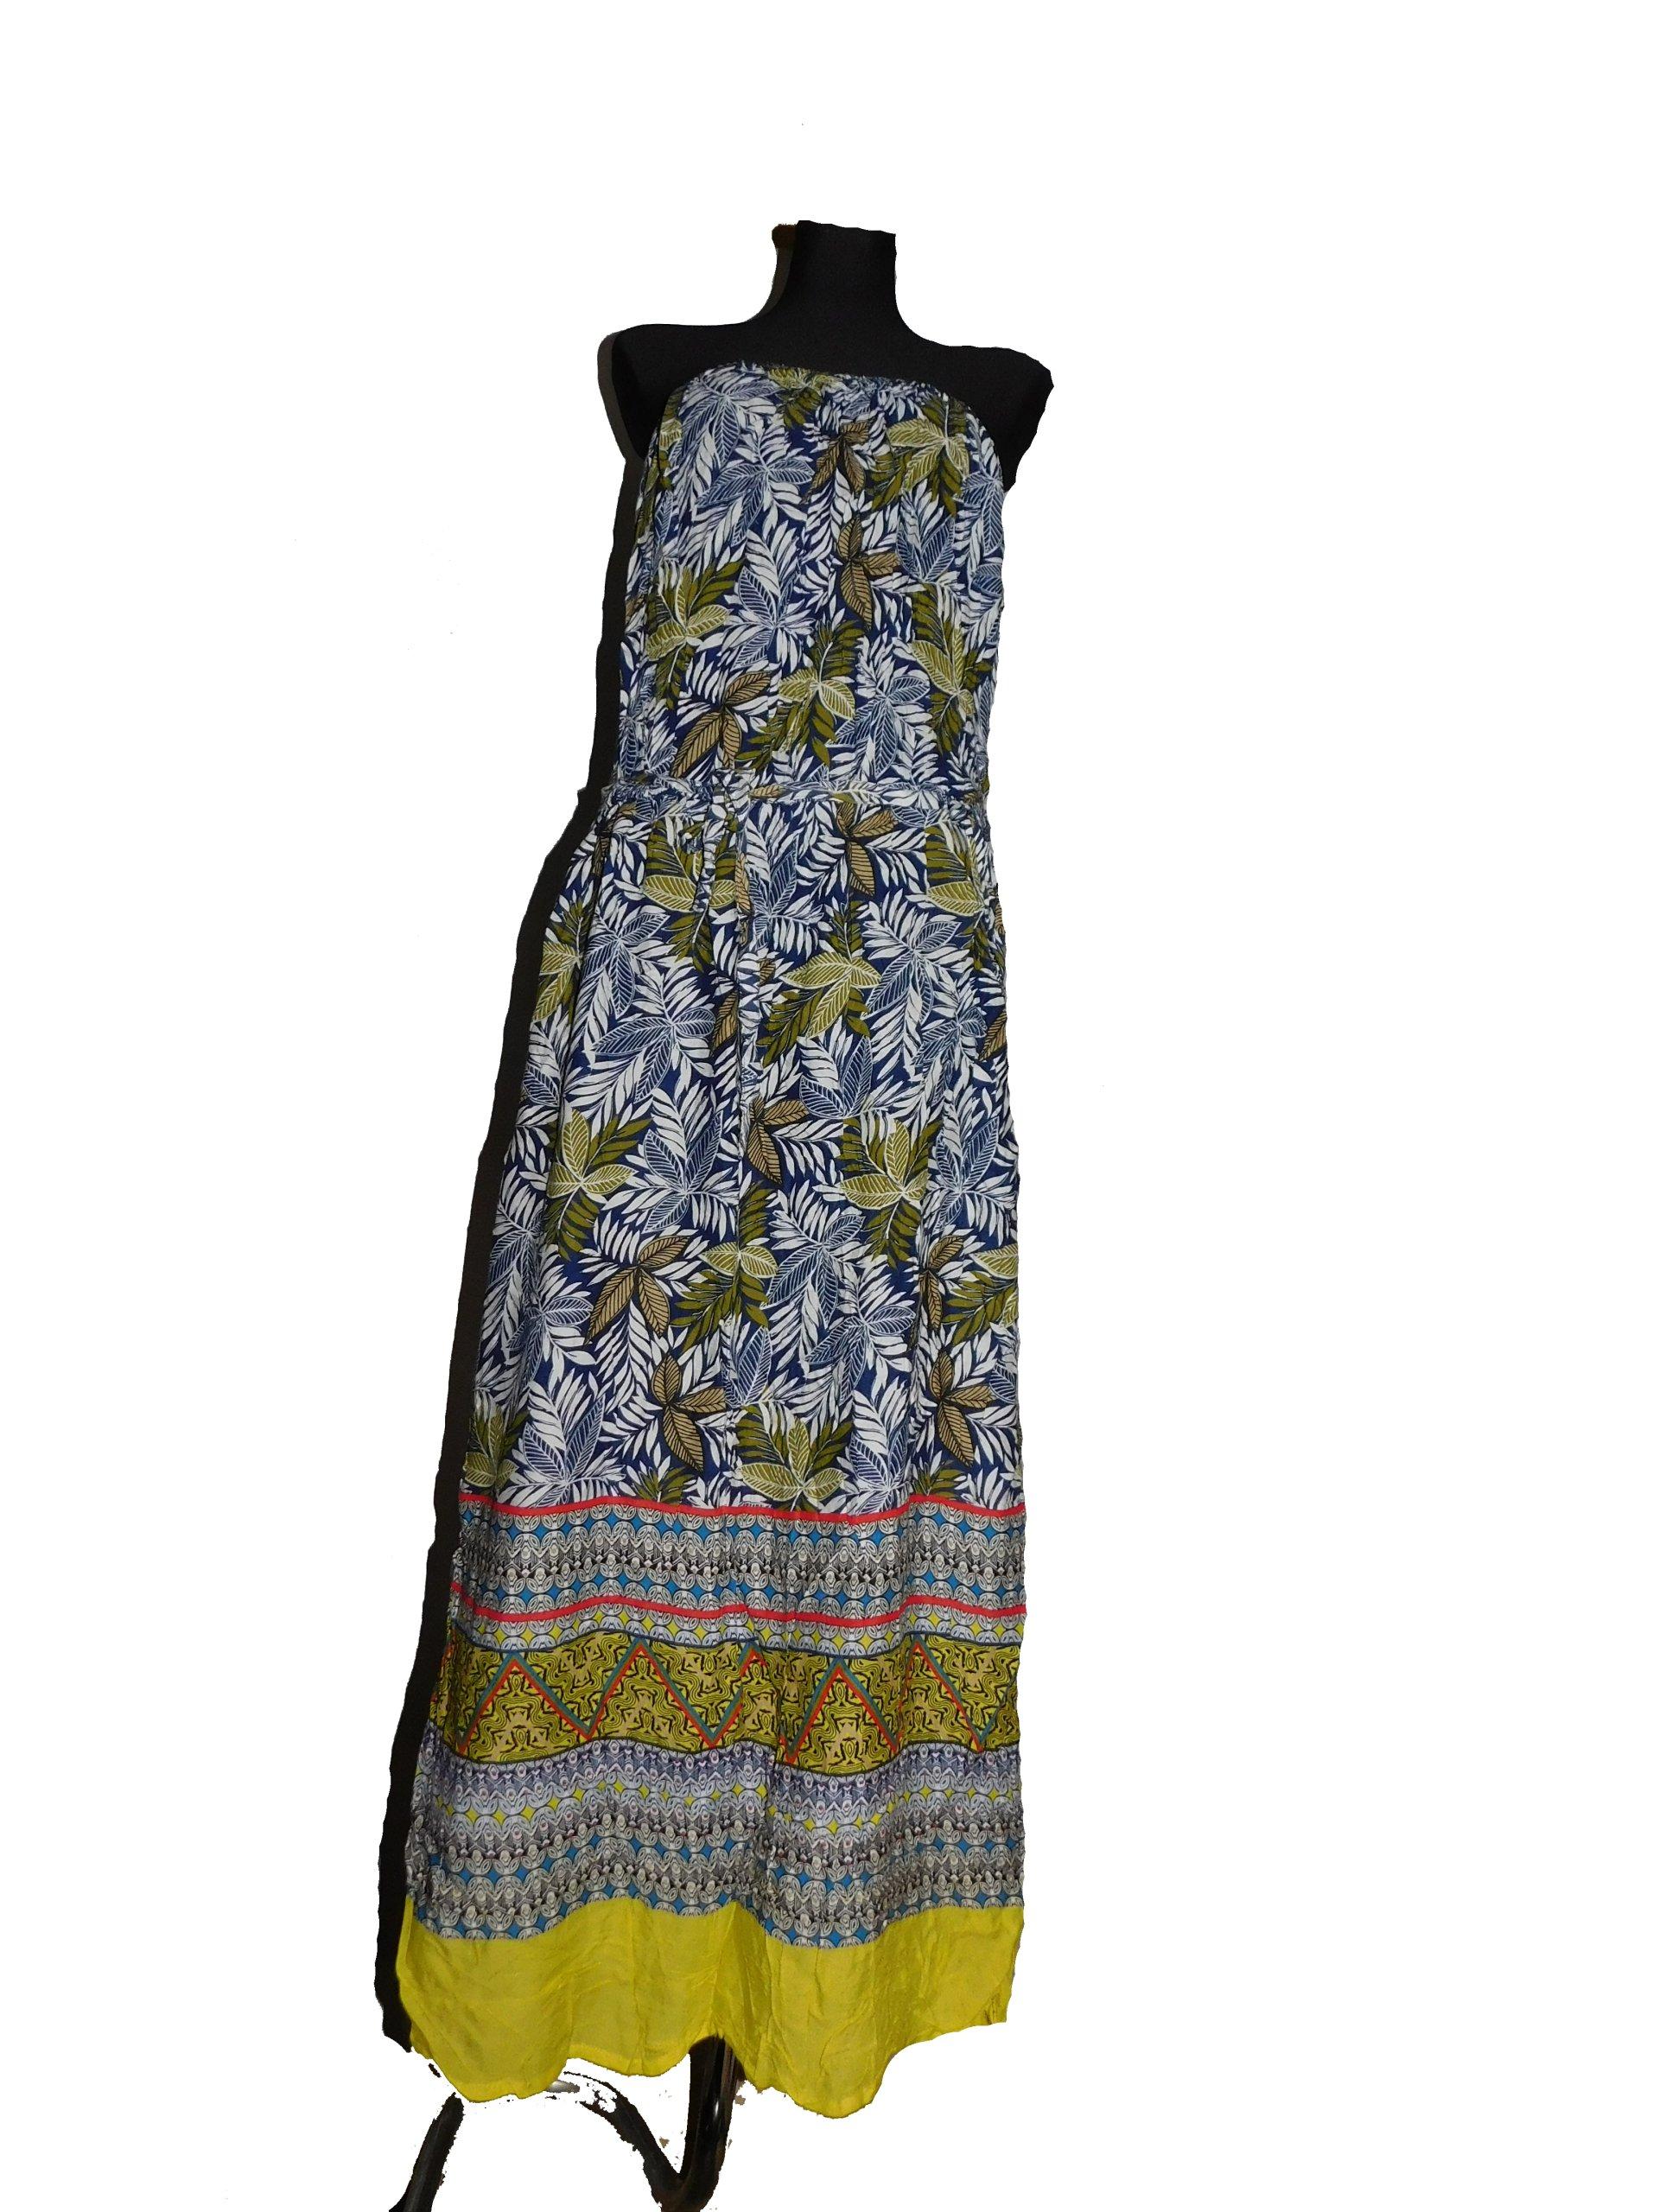 ba28878320 Atmosphere letnia sukienka rozmiar 48 nowa - 7396817933 - oficjalne ...